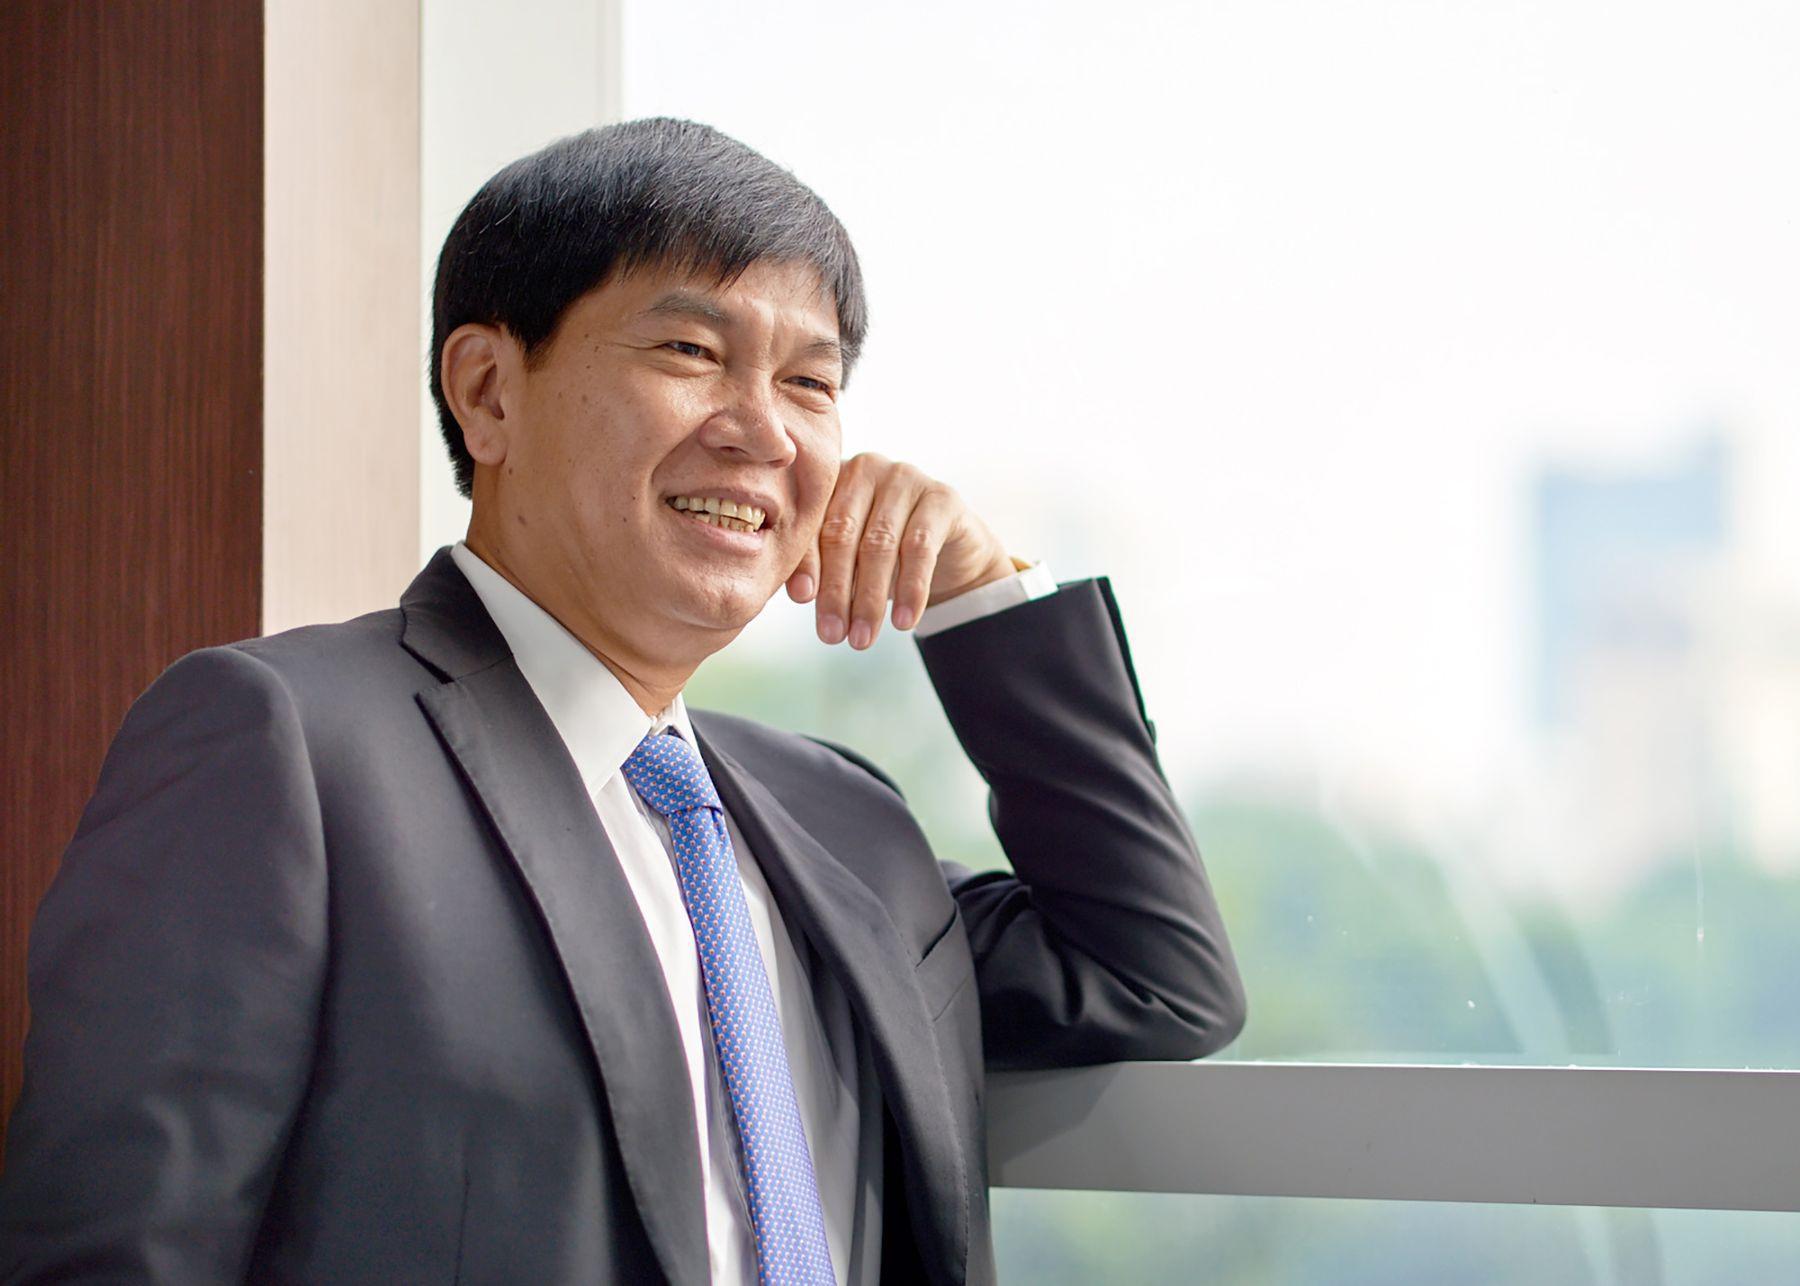 Nghị lực và sự nghiệp lừng lẫy của những doanh nhân Việt tuổi Sửu